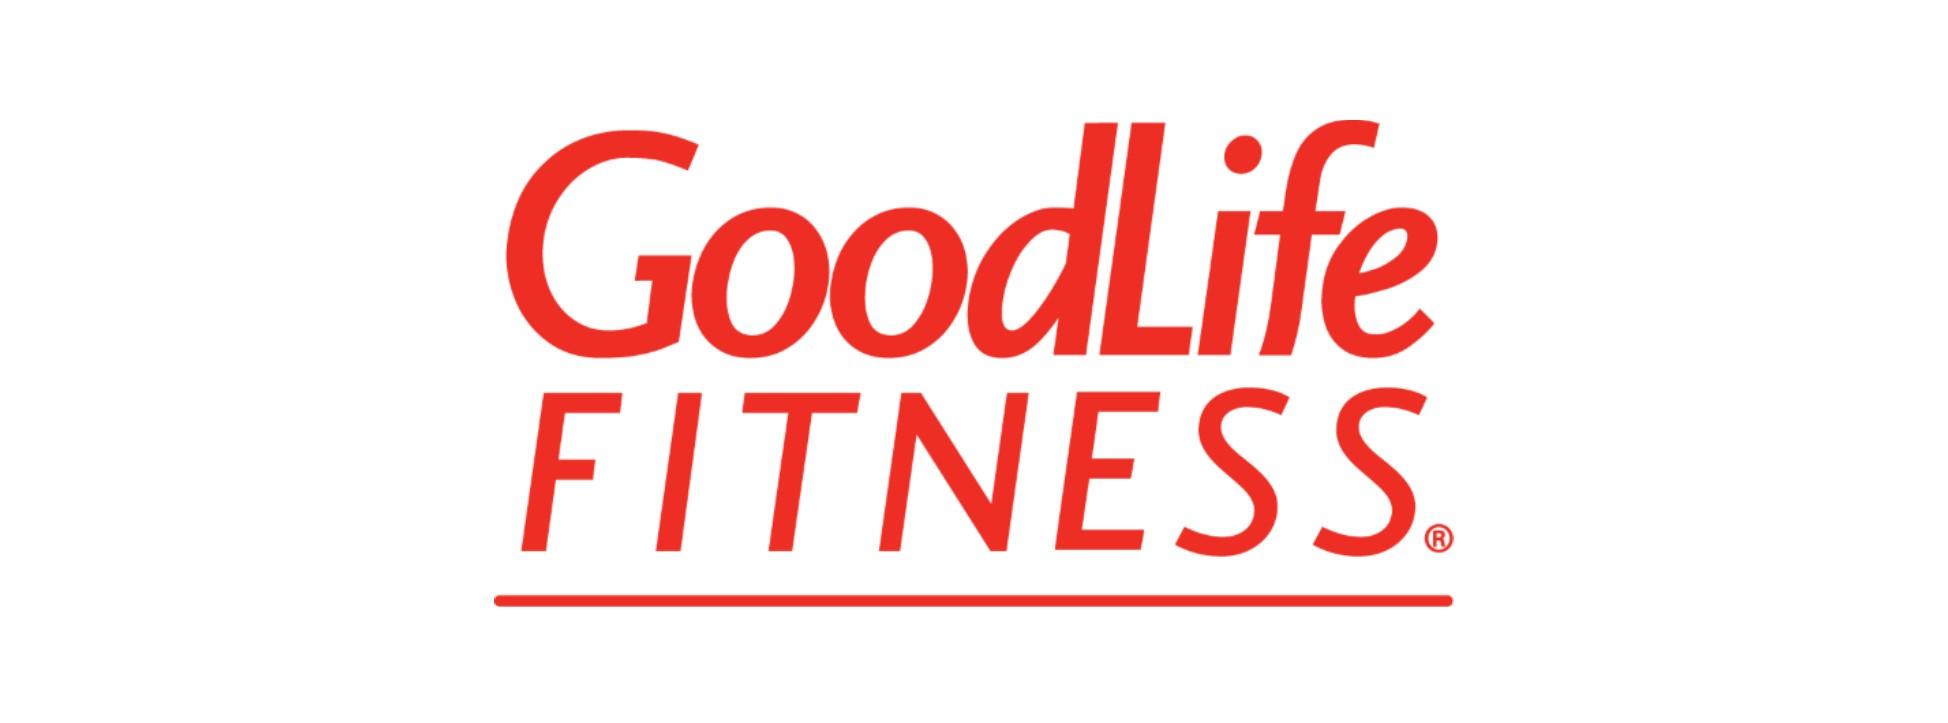 SS-Goodlife